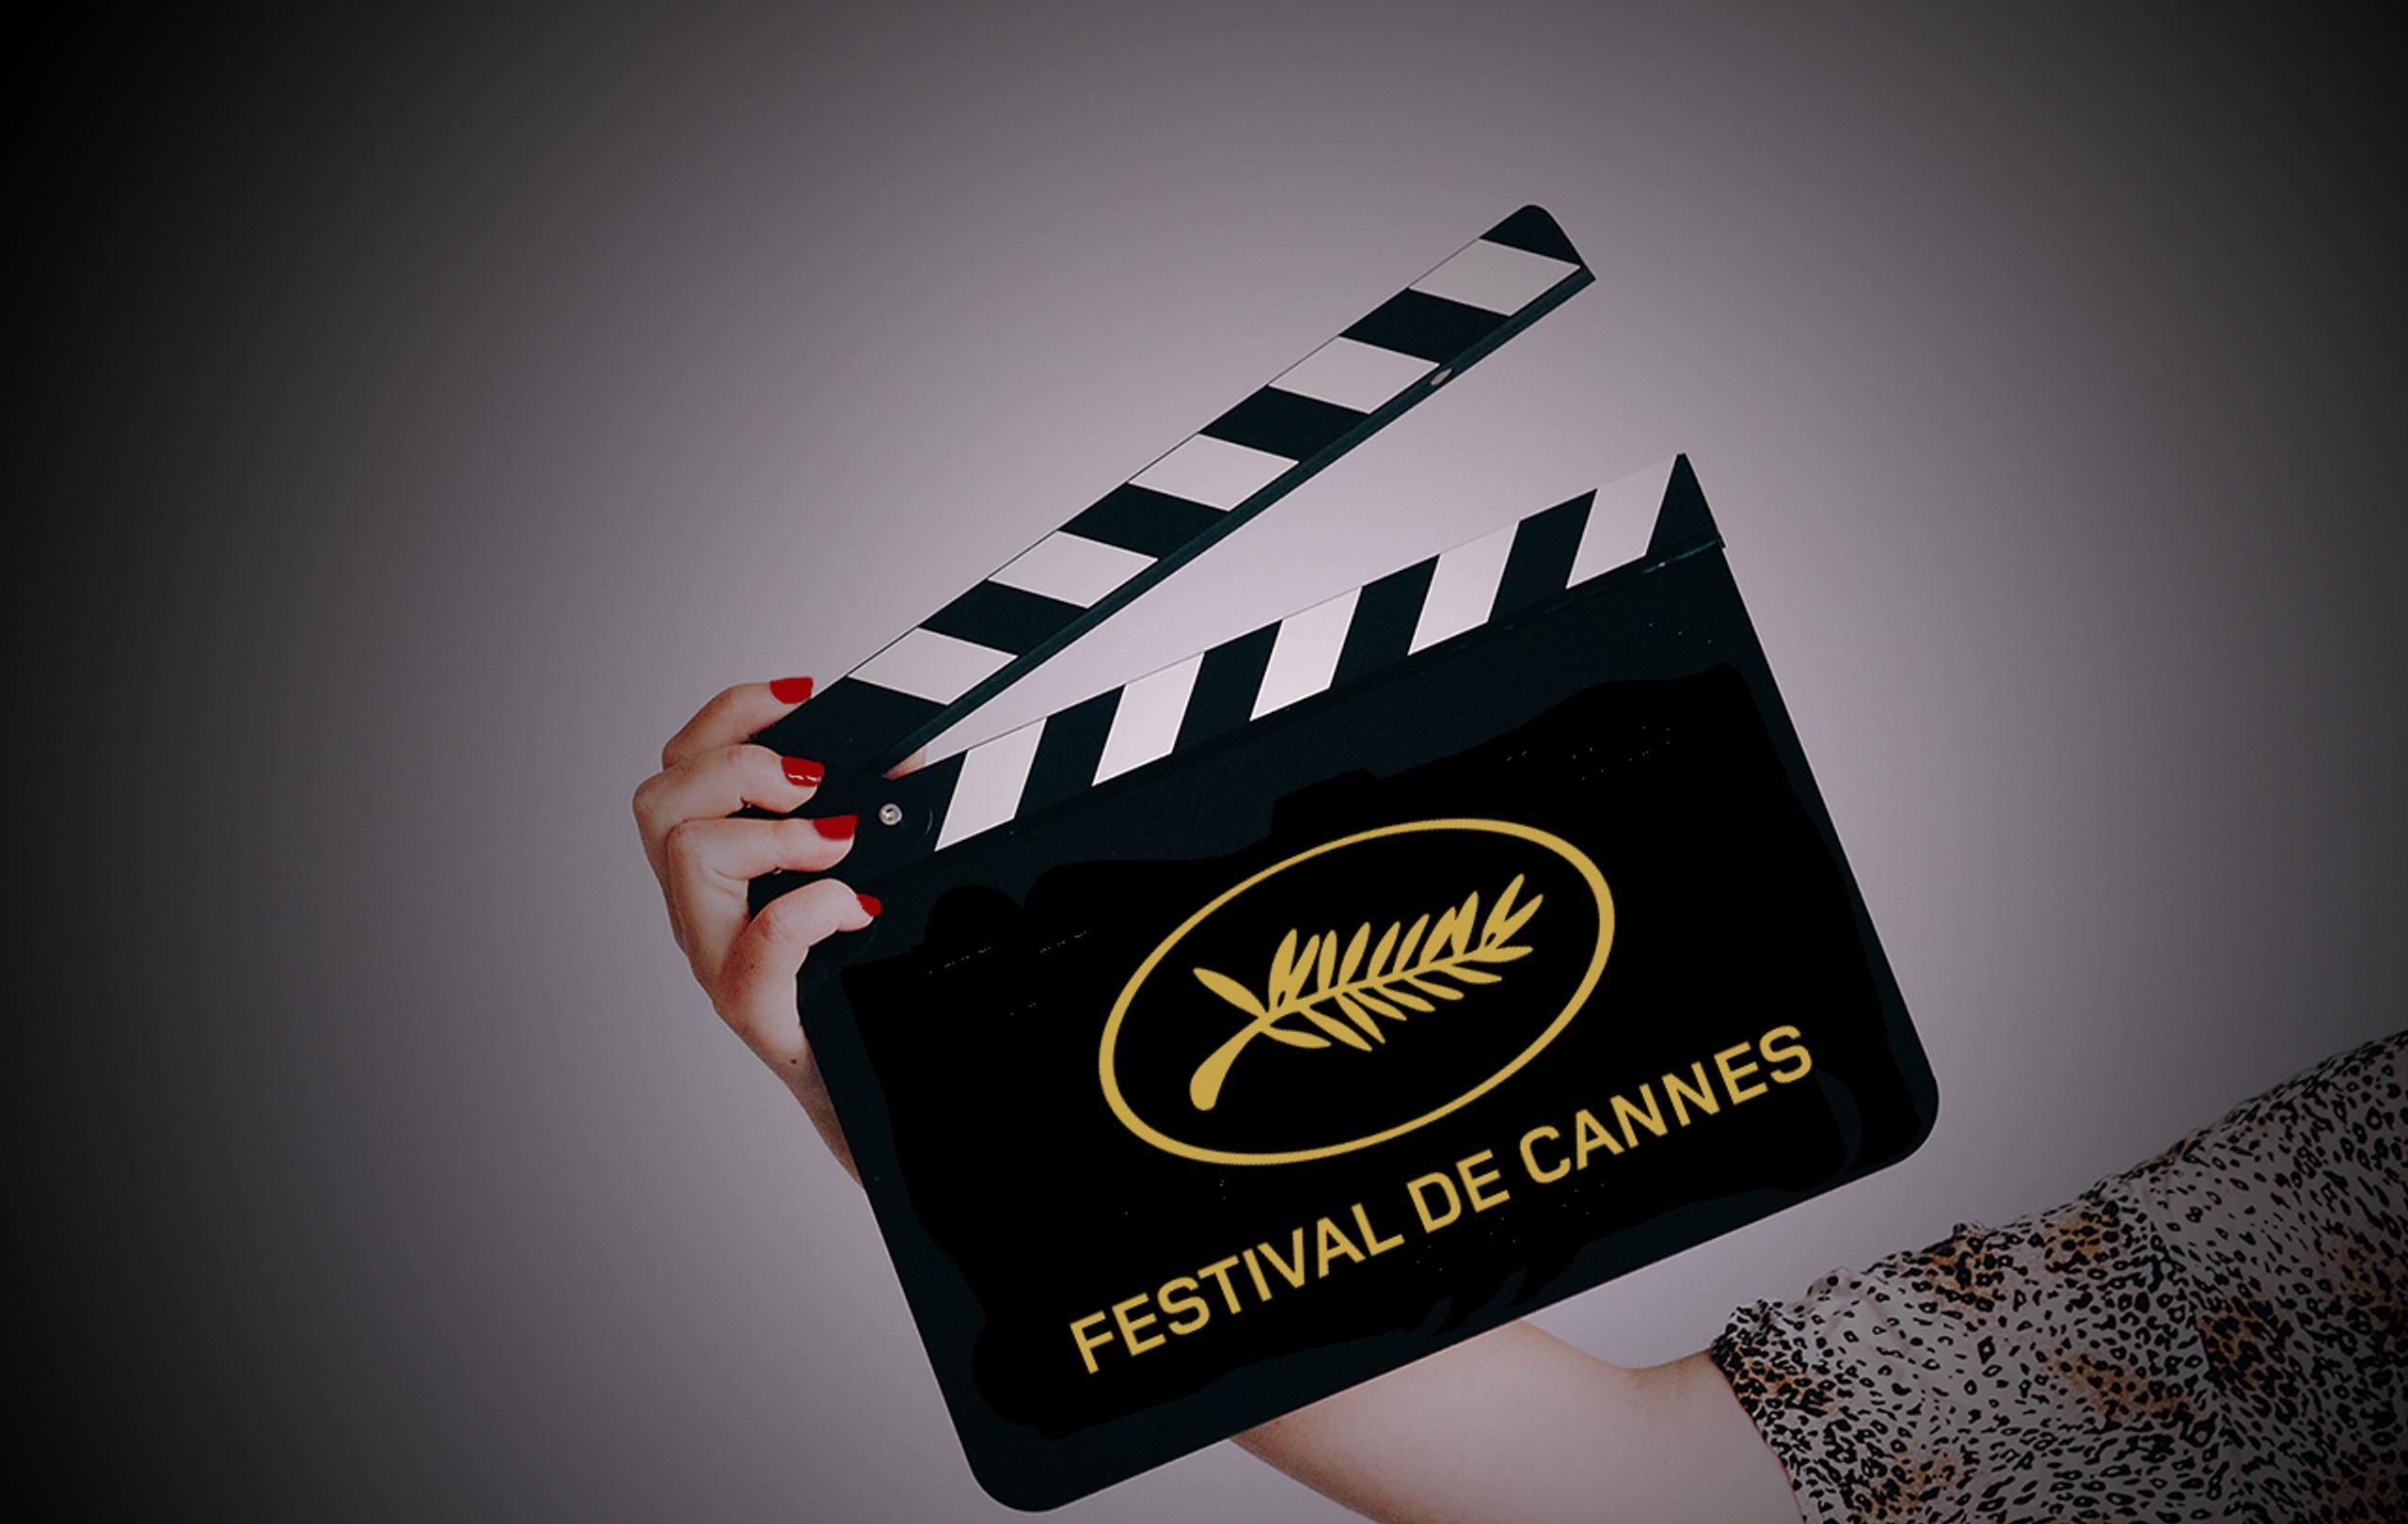 Inscripción de películas 2021 - Festival de Cannes